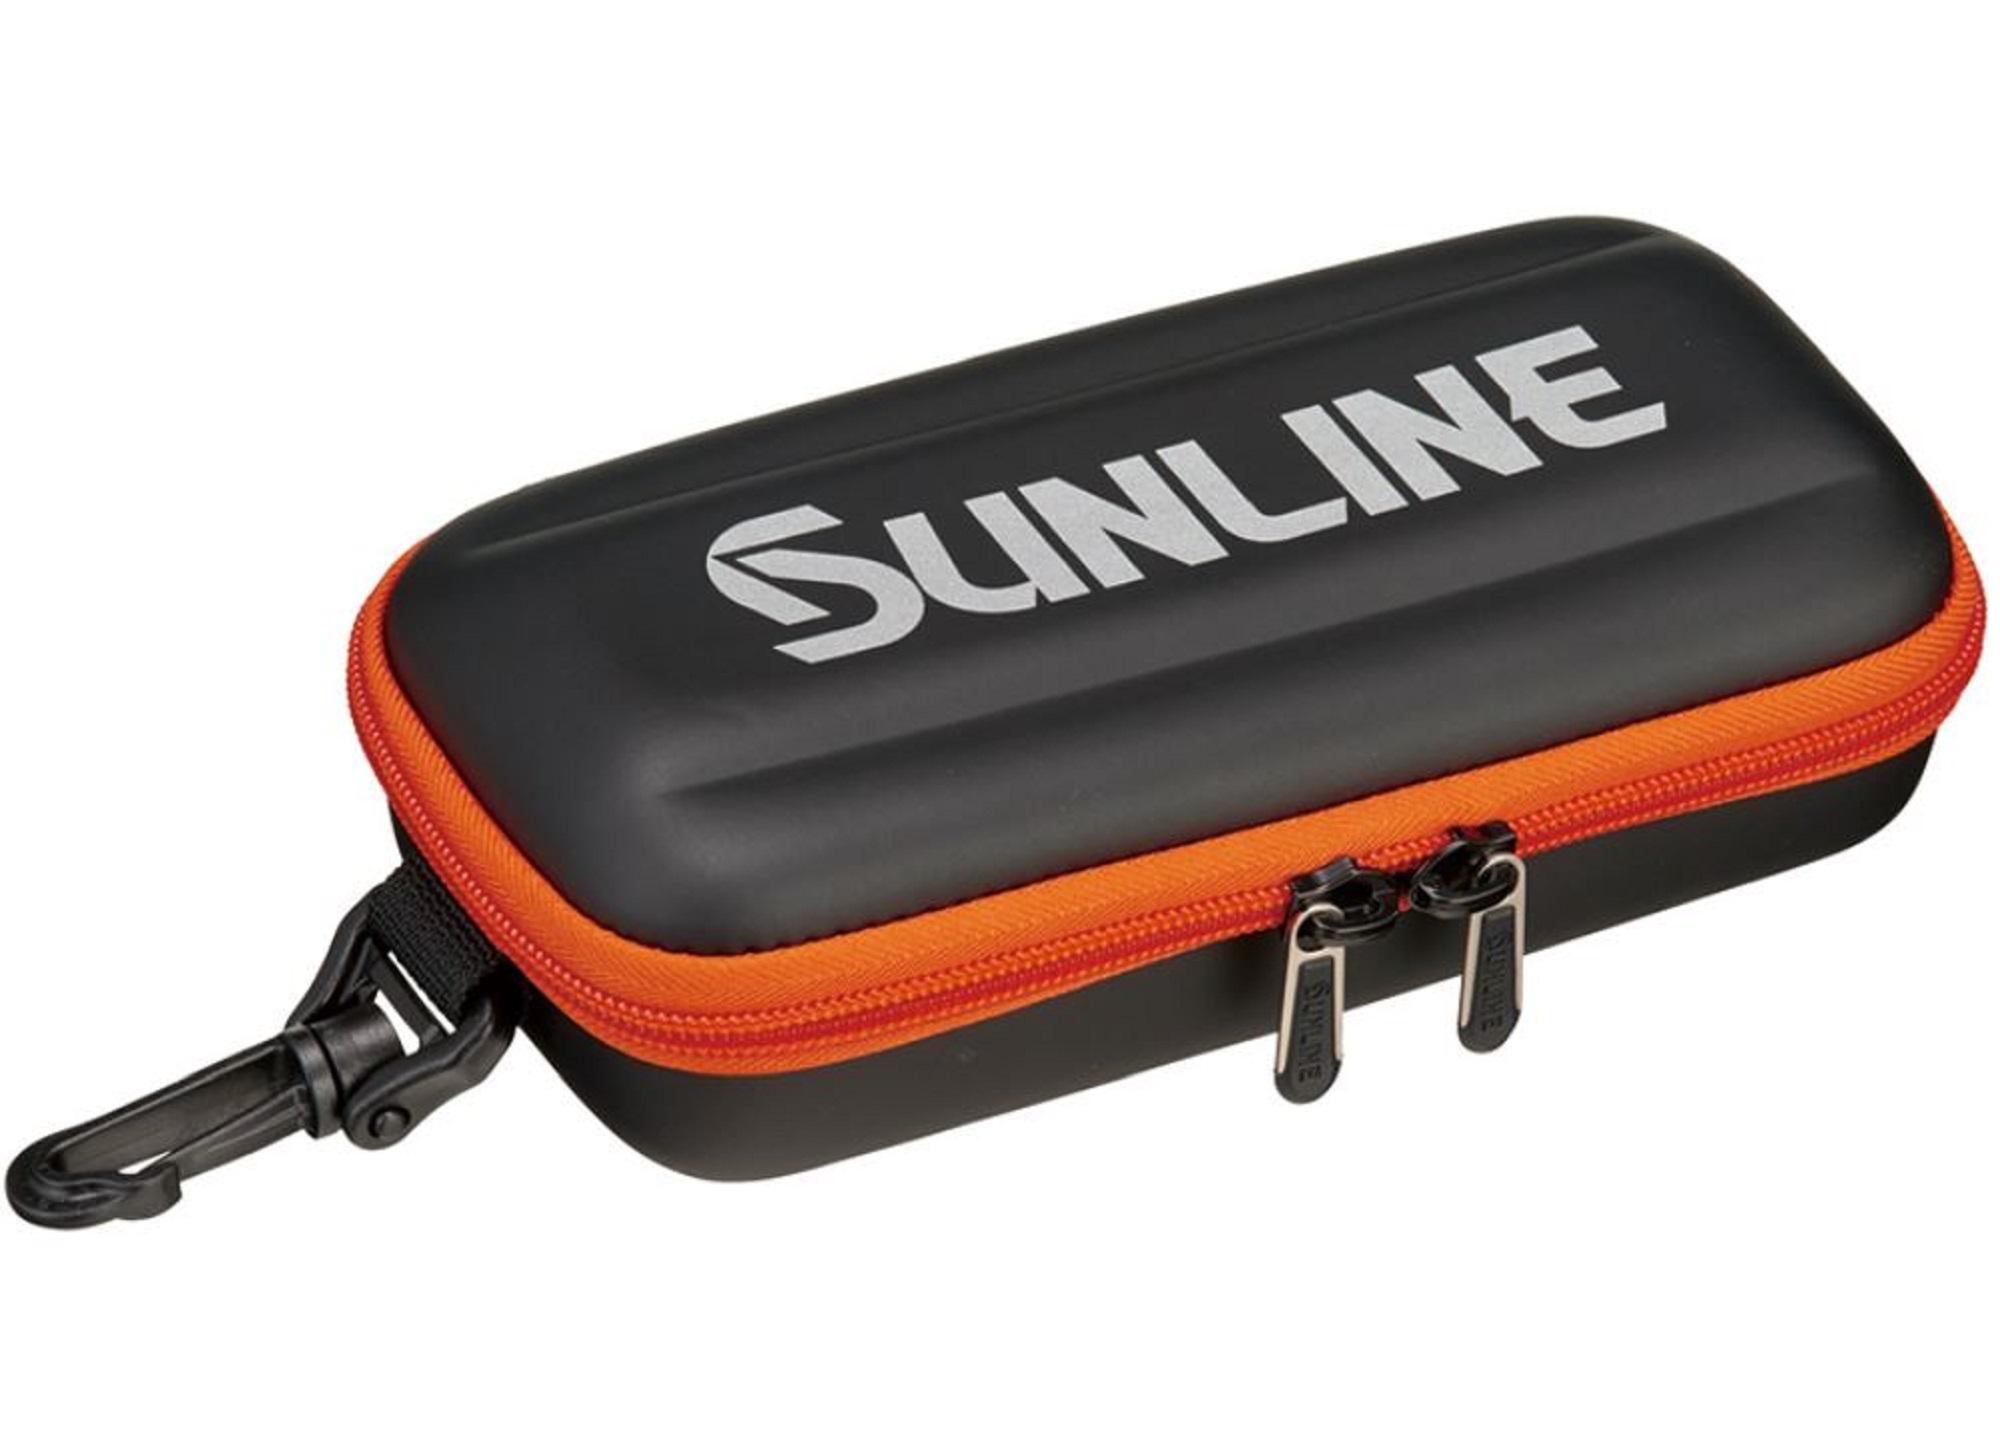 Sunline SFP-0126 Jig Storage Case 100 x 200 x 70 mm Orange (4962)